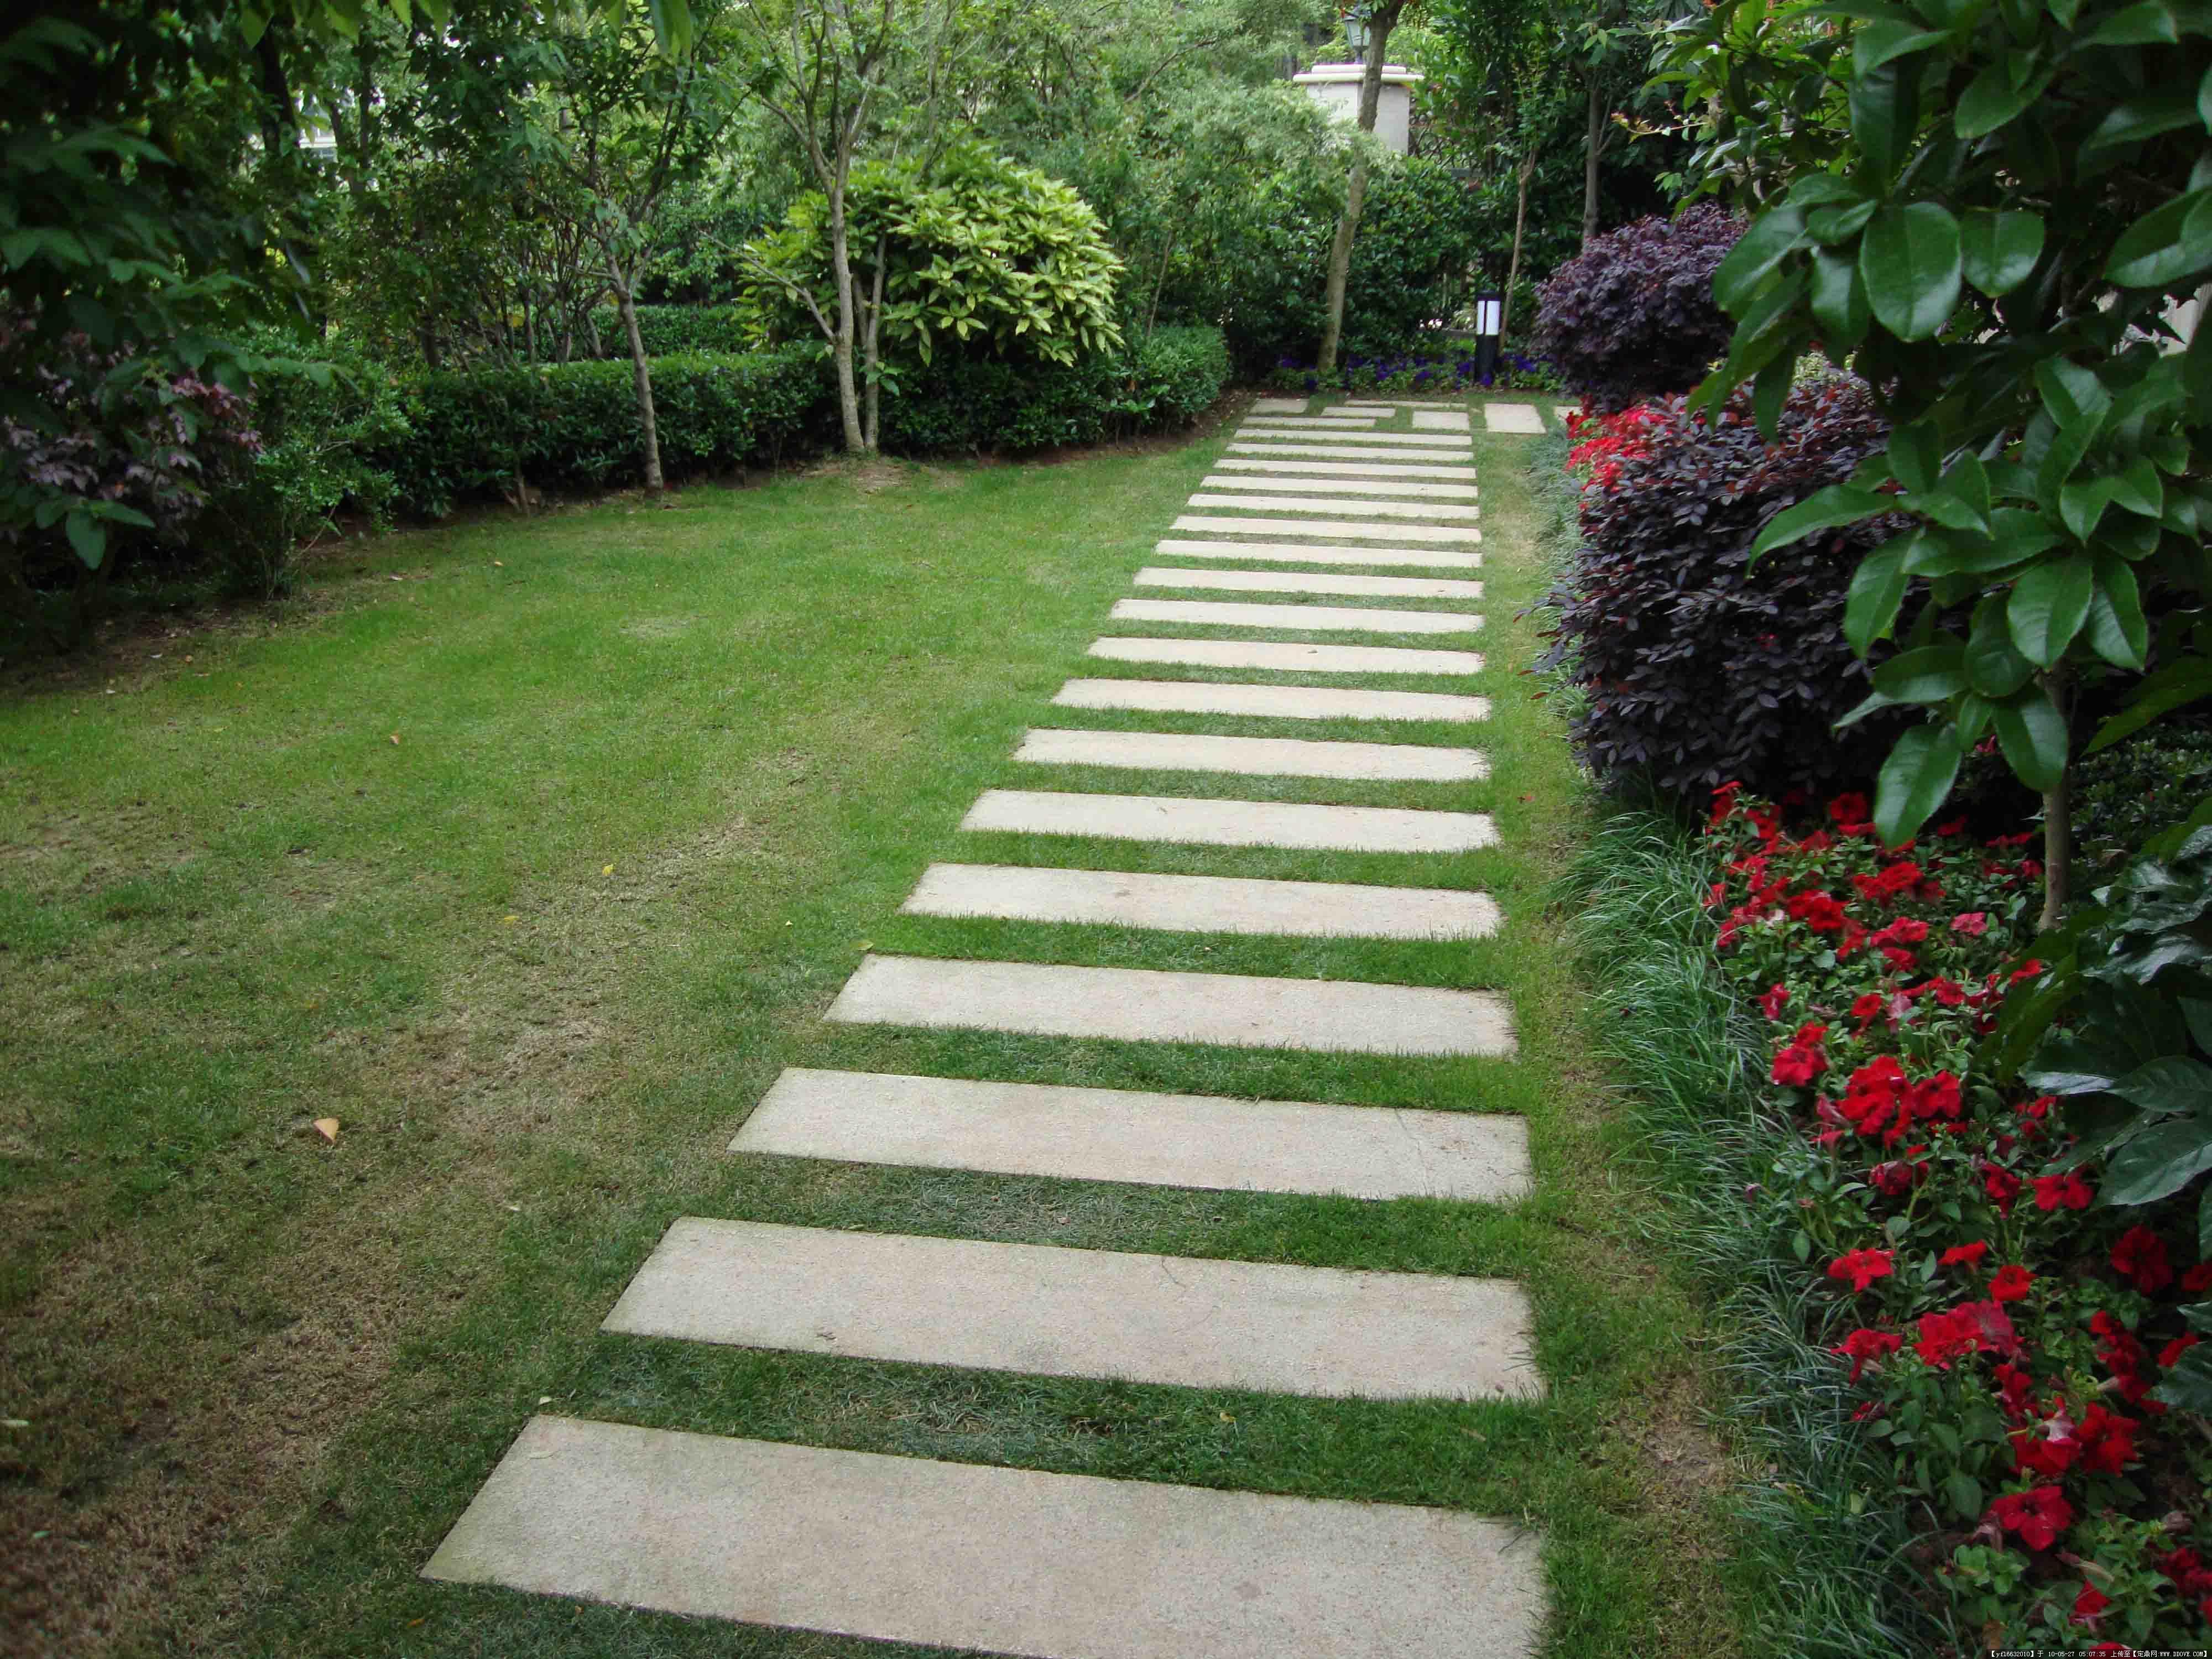 庭院设计实景图片一组-大图的图片浏览,园林项目照片